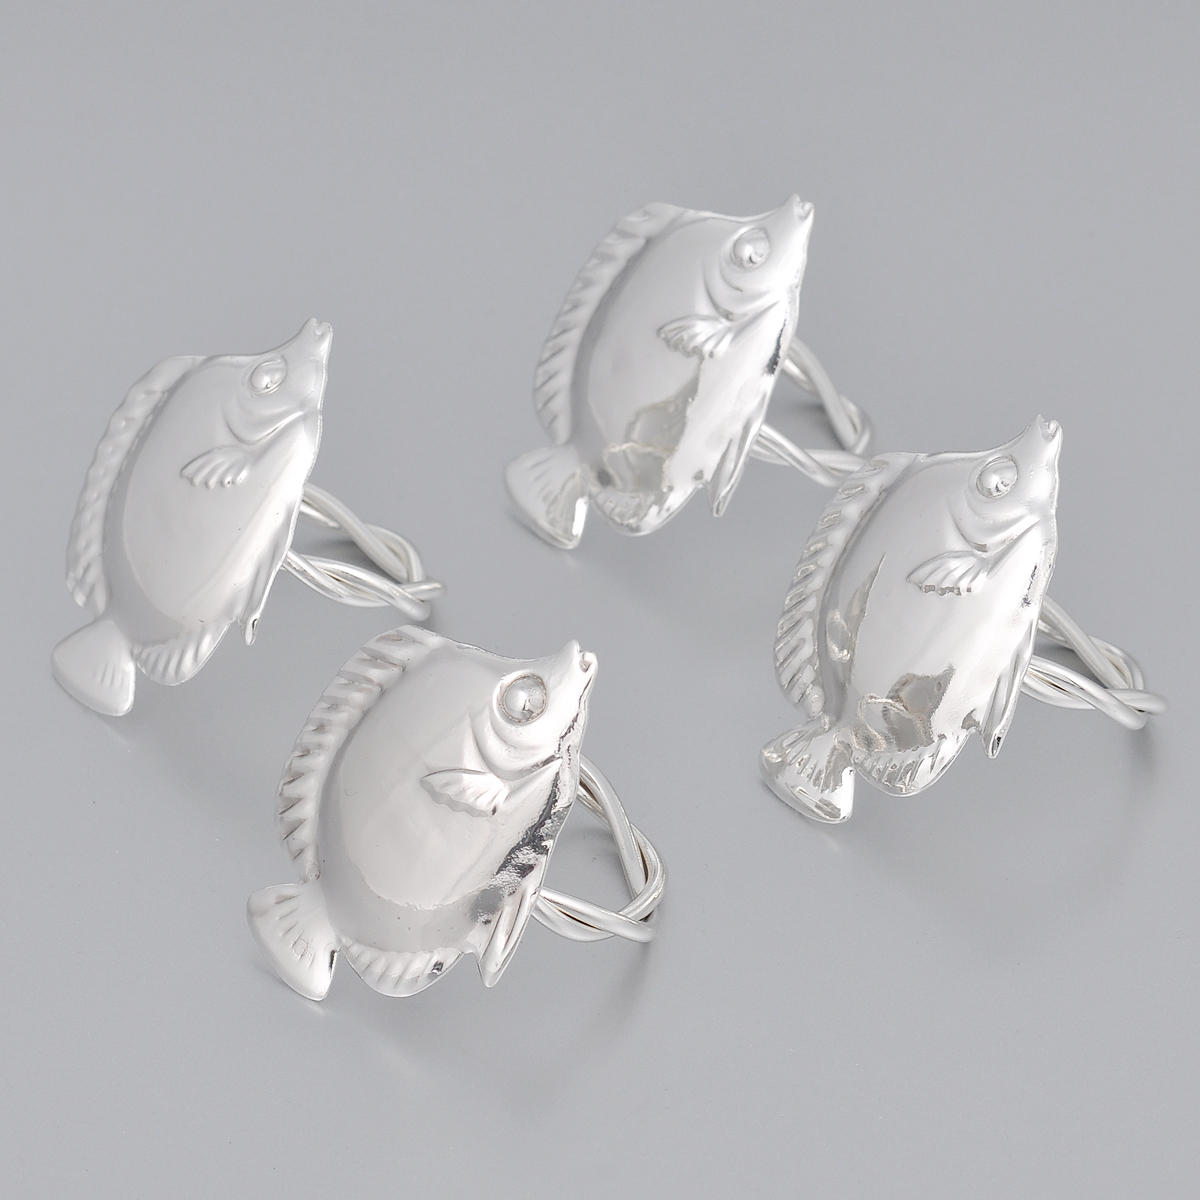 Набор колец для салфеток Marquis Рыбки, 4 шт3057-MRНабор Marquis Рыбки состоит из четырех оригинальных колец для салфеток, выполненных с простотой и изяществом. Кольца изготовлены из стали с серебряно-никелевым покрытием и украшены фигурками в виде рыбки.Набор станет замечательной деталью сервировки и великолепным украшением праздничного стола.Диаметр кольца: 4,5 см. Размер декоративной части: 6,5 см х 5 см.